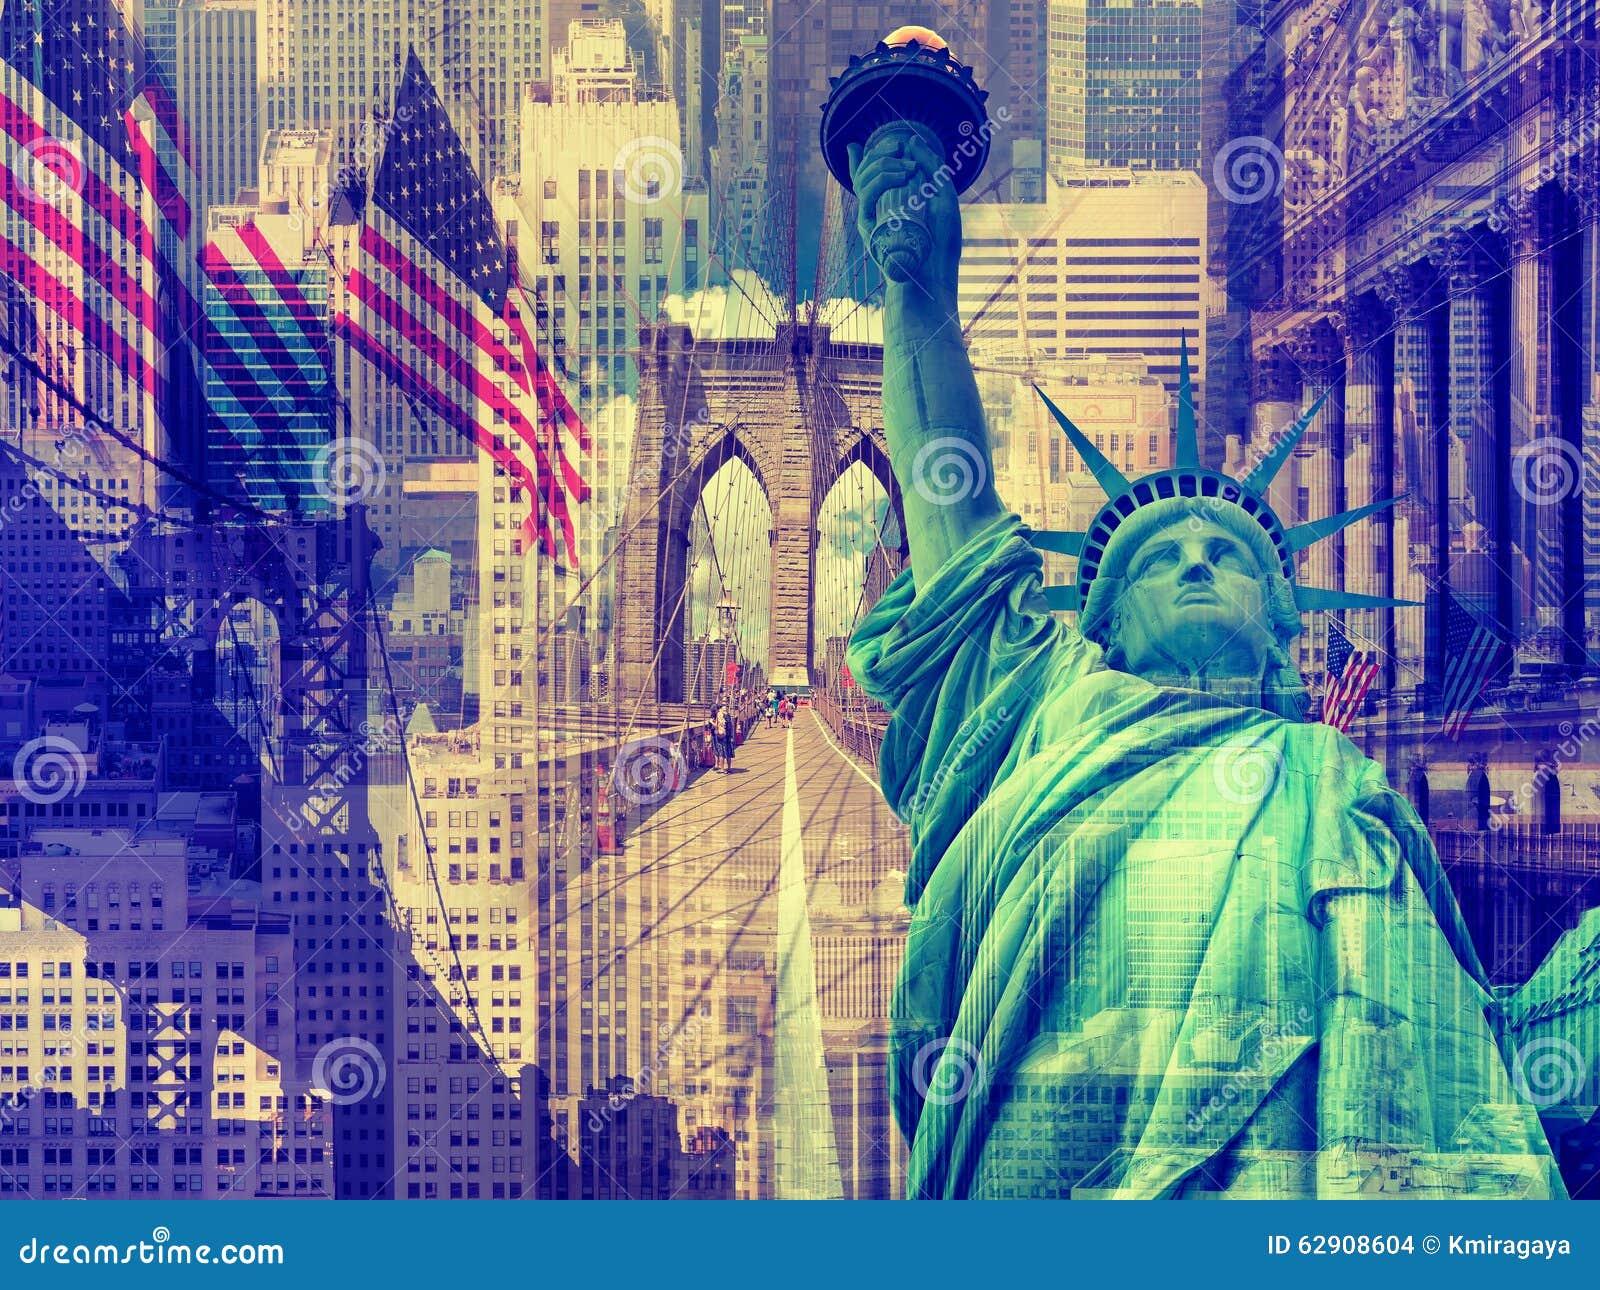 Colagem que contém diversos marcos de New York